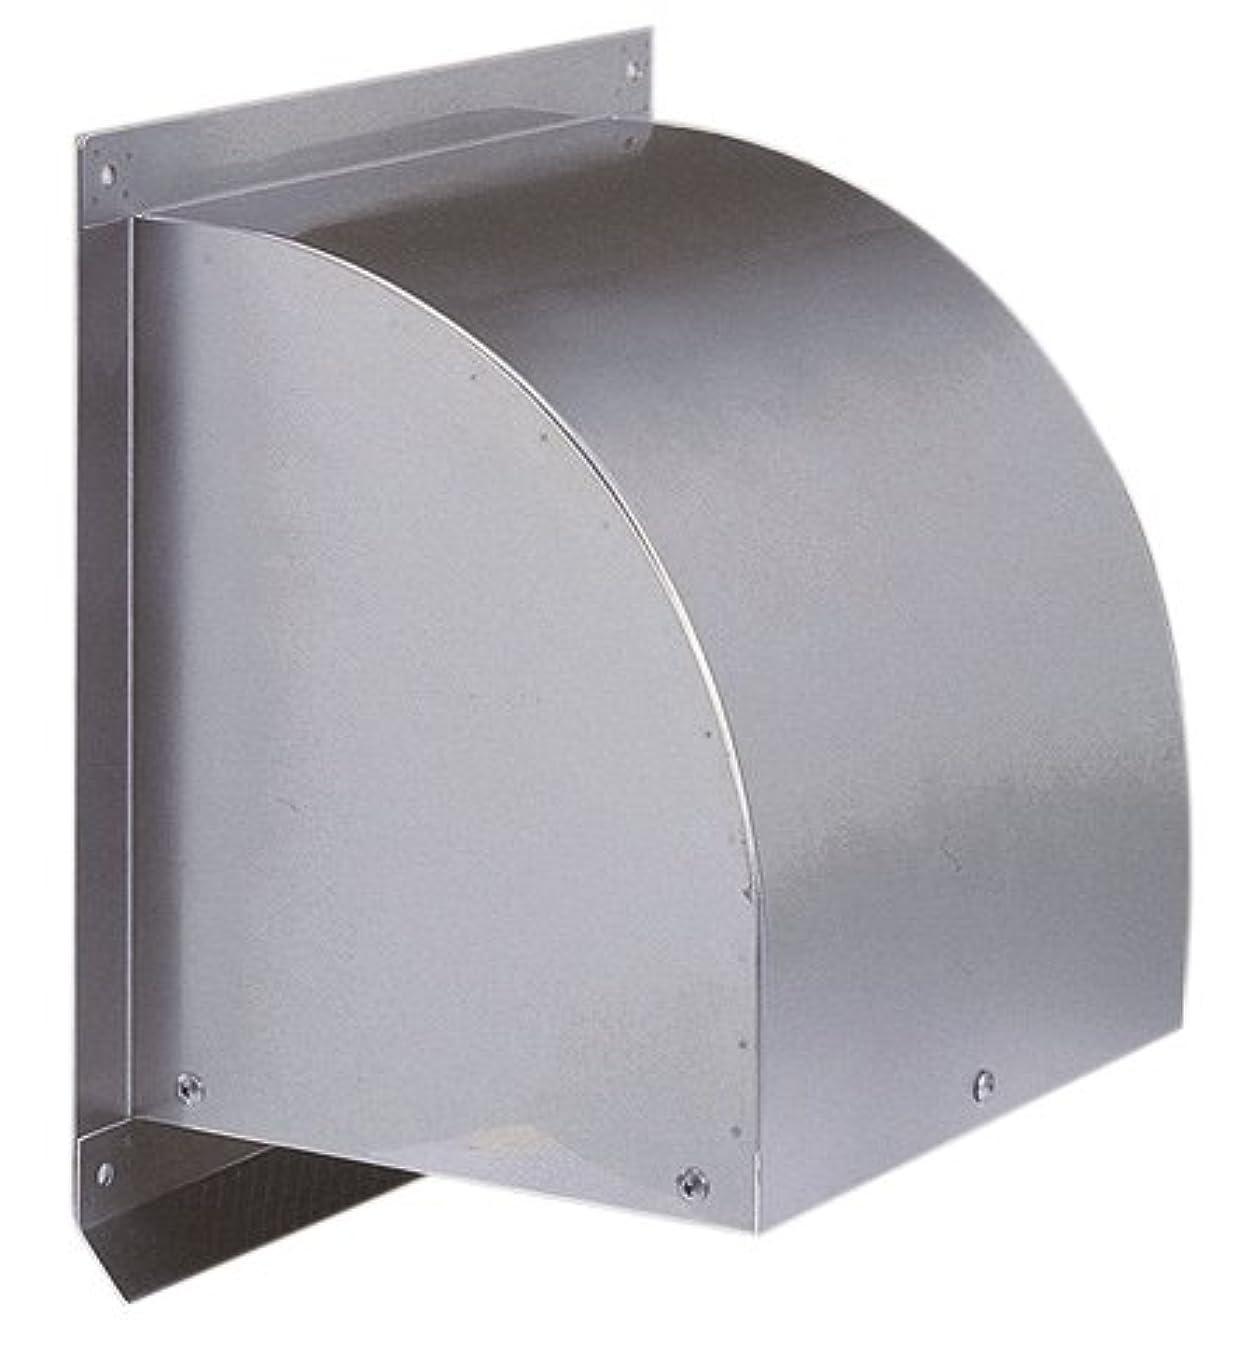 不合格アサーネズミ西邦工業 SEIHO WC200S 外壁用ステンレス製換気口 (ウエザーカバー) 金網型3メッシュ